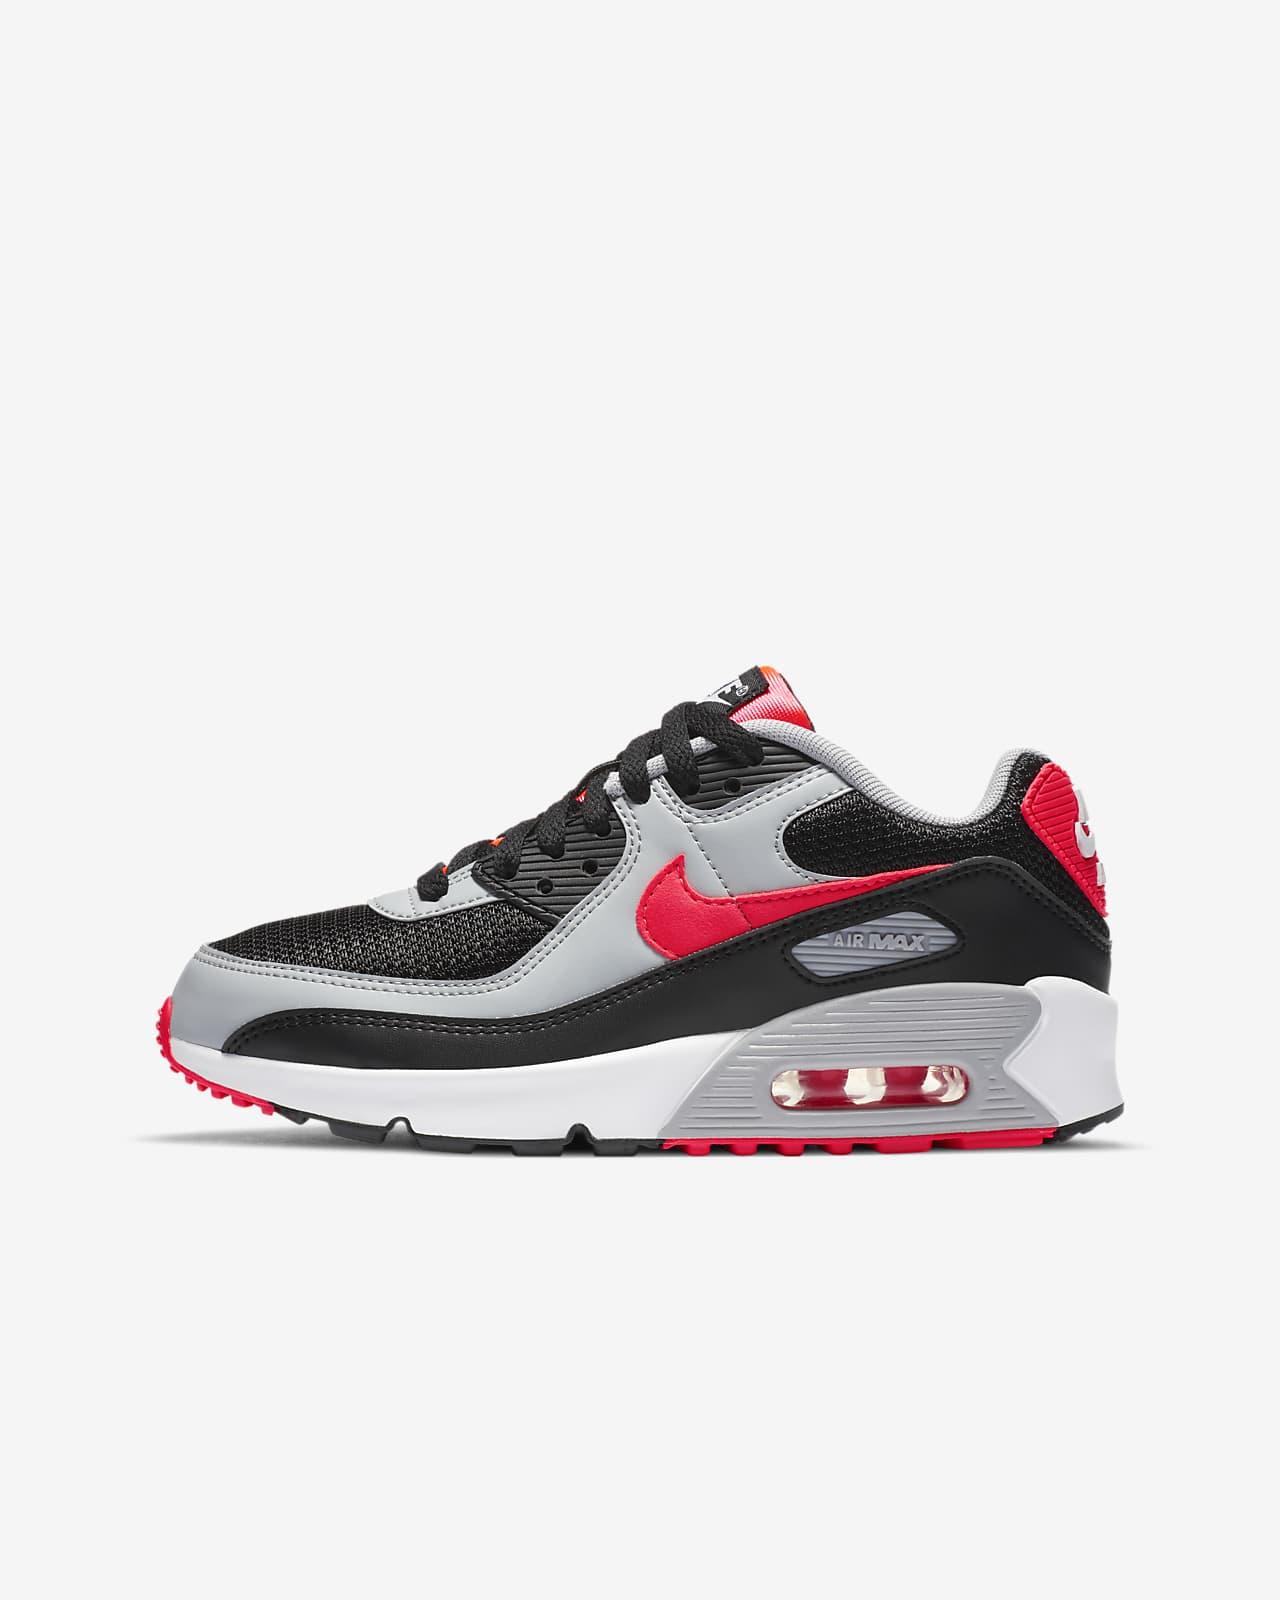 Nike Air Max 90 LTR 大童鞋款